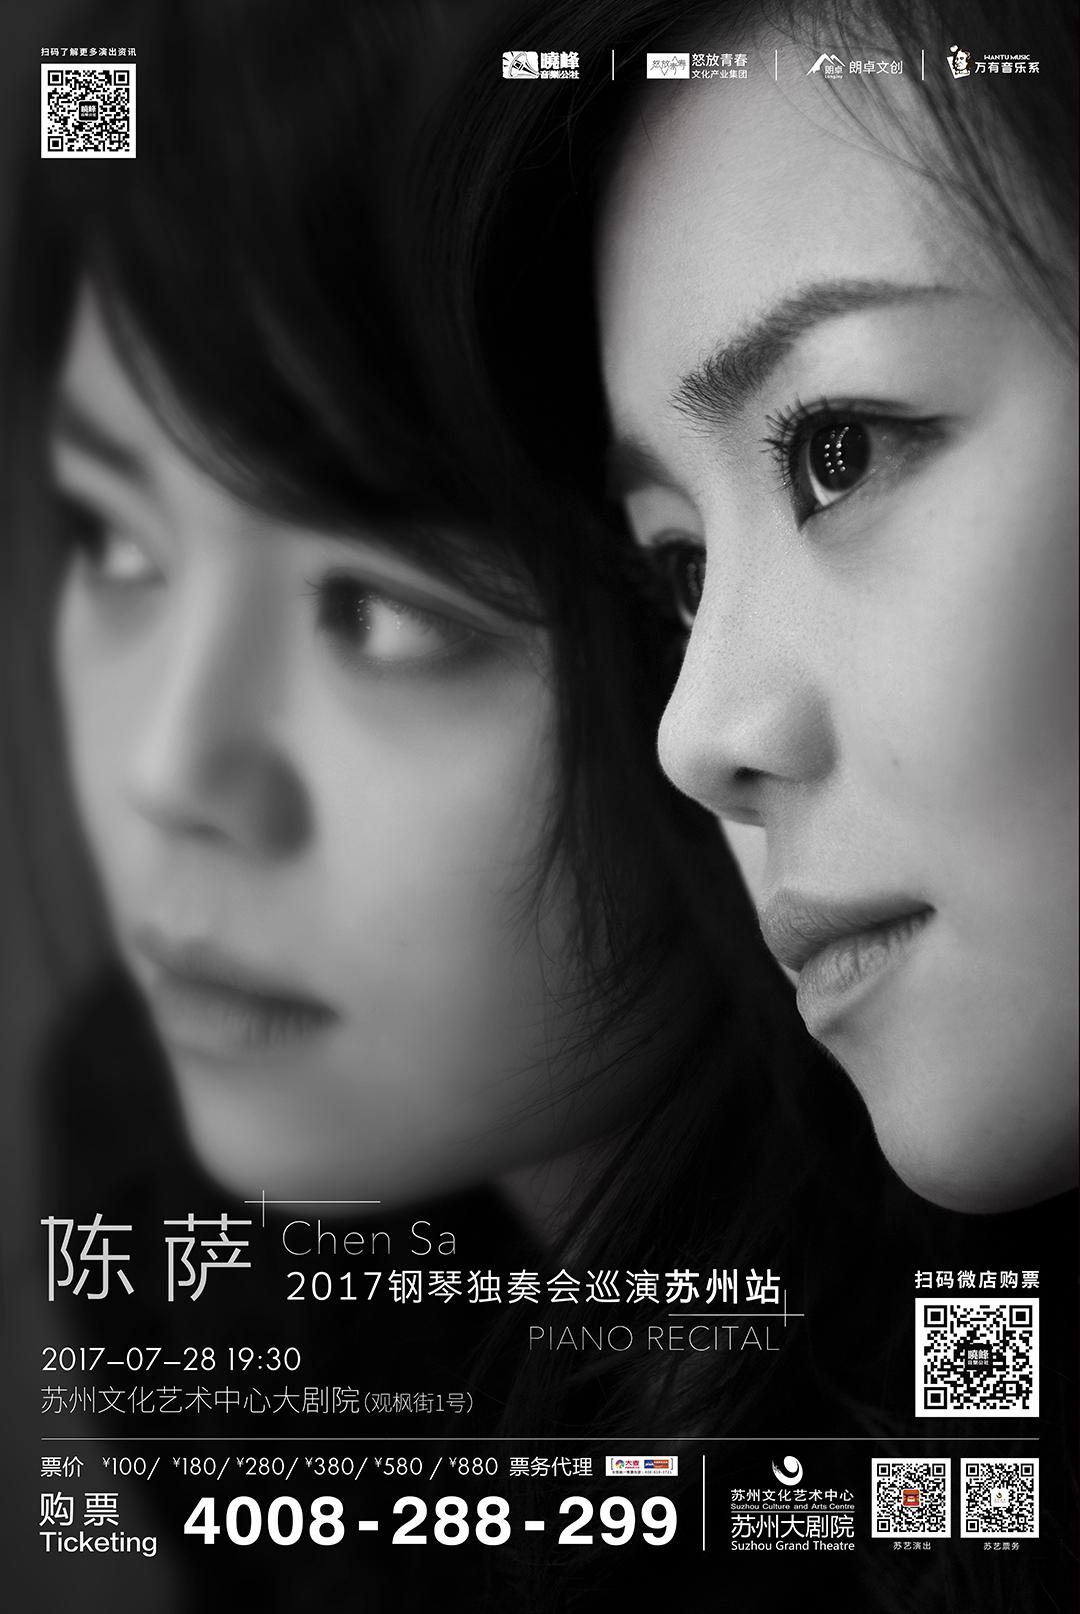 陈萨2017钢琴独奏会巡演苏州站(租场)